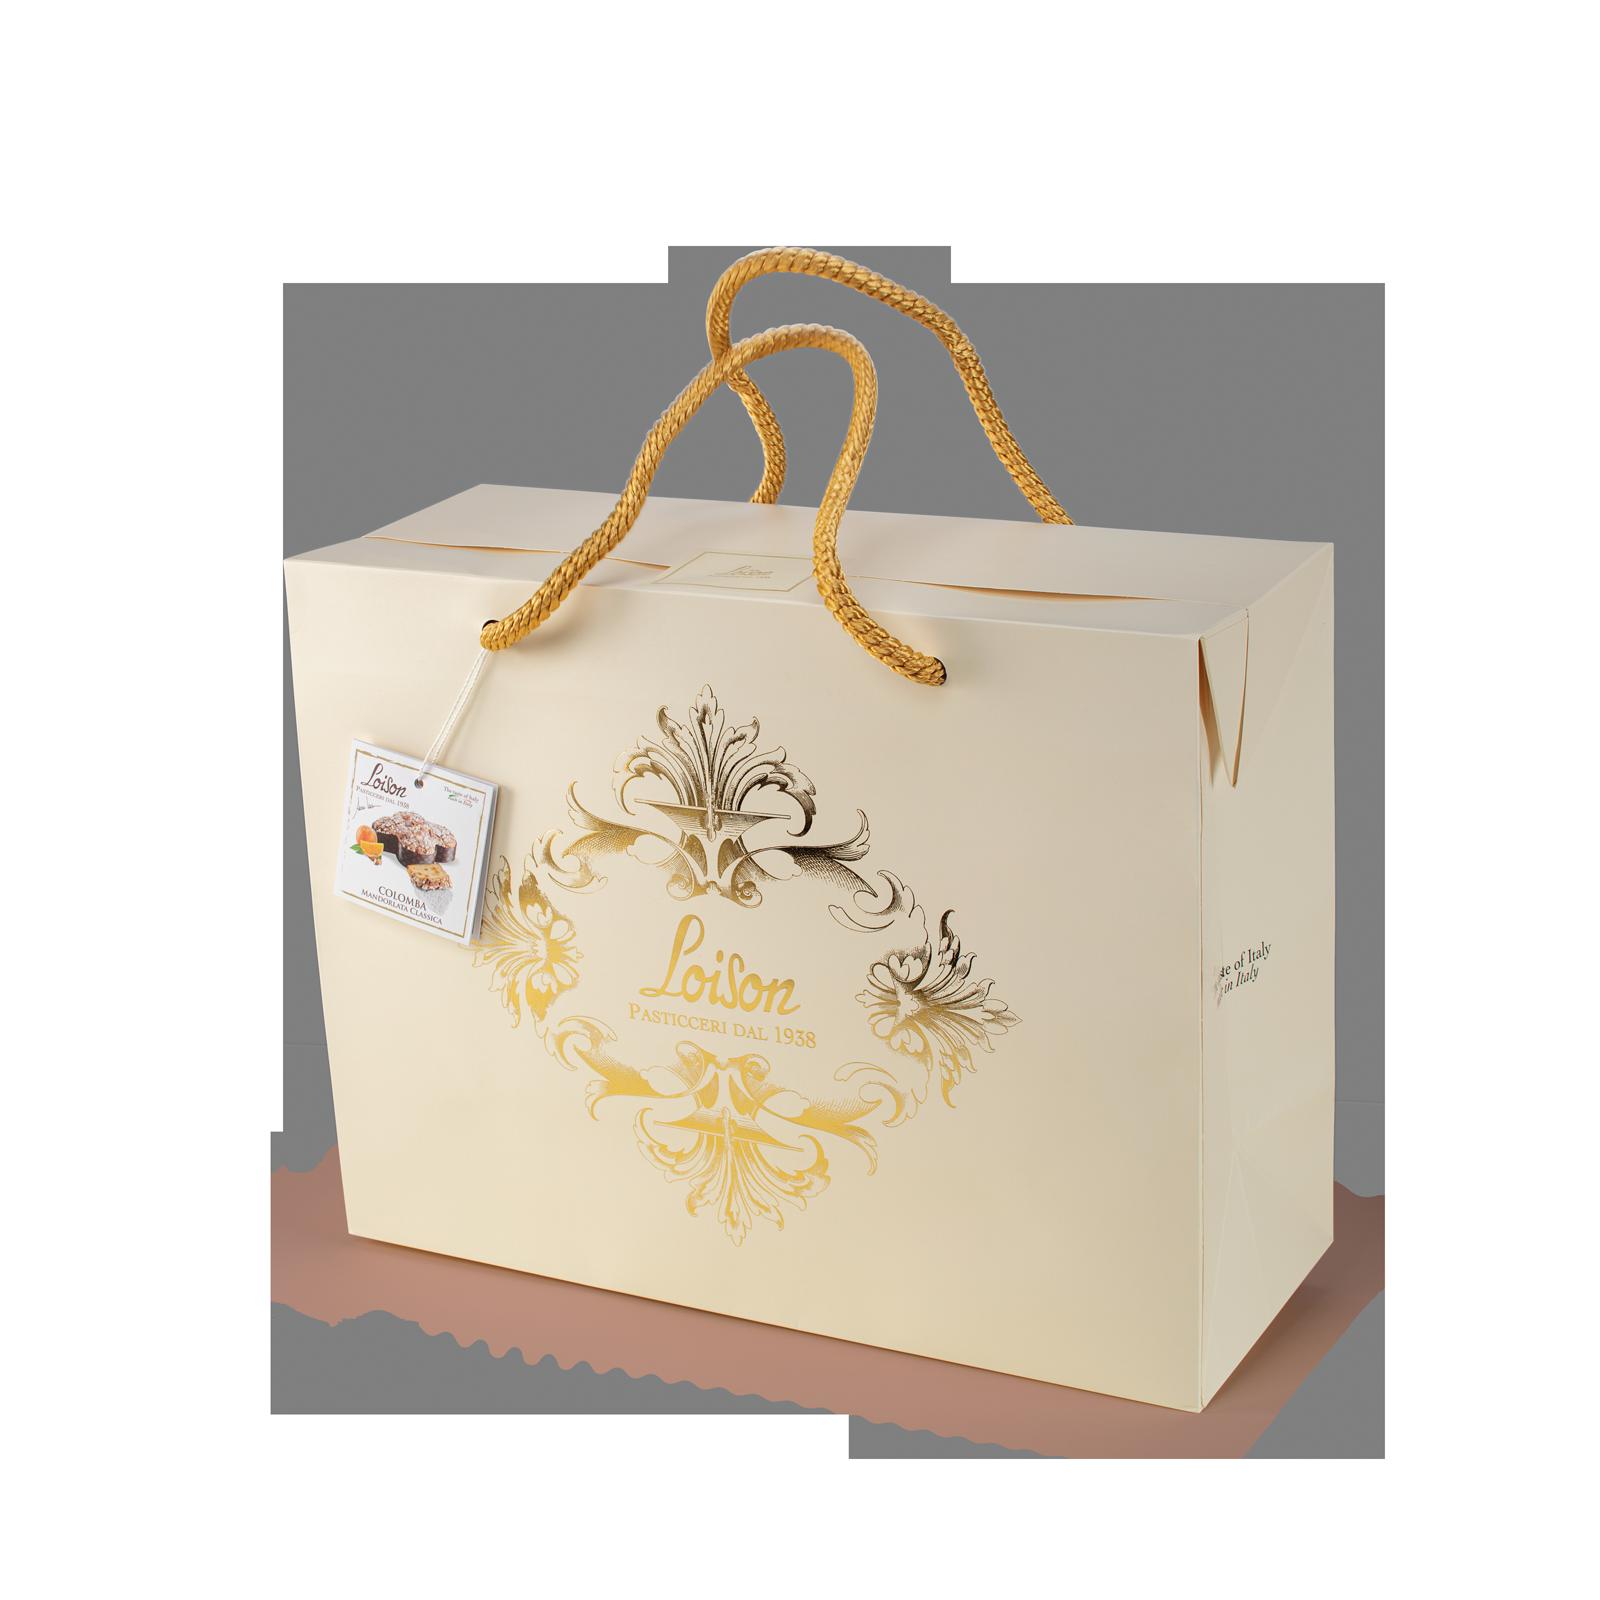 Colomba Magnum classica artigianale in scatola shopper regalo